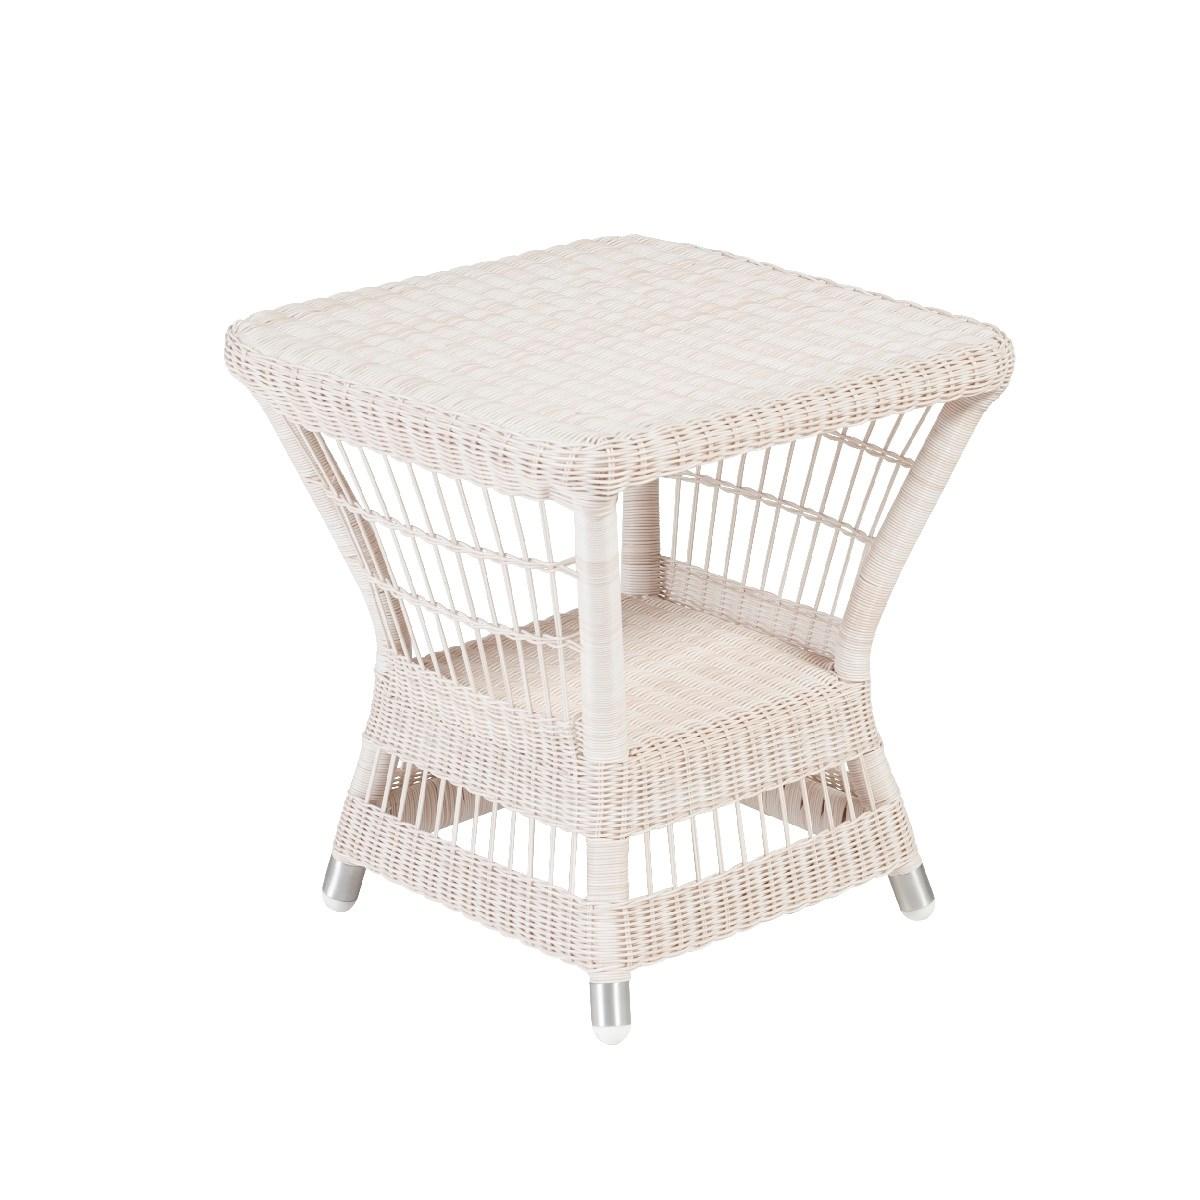 Table basse carrée de jardin en résine blanc cassé